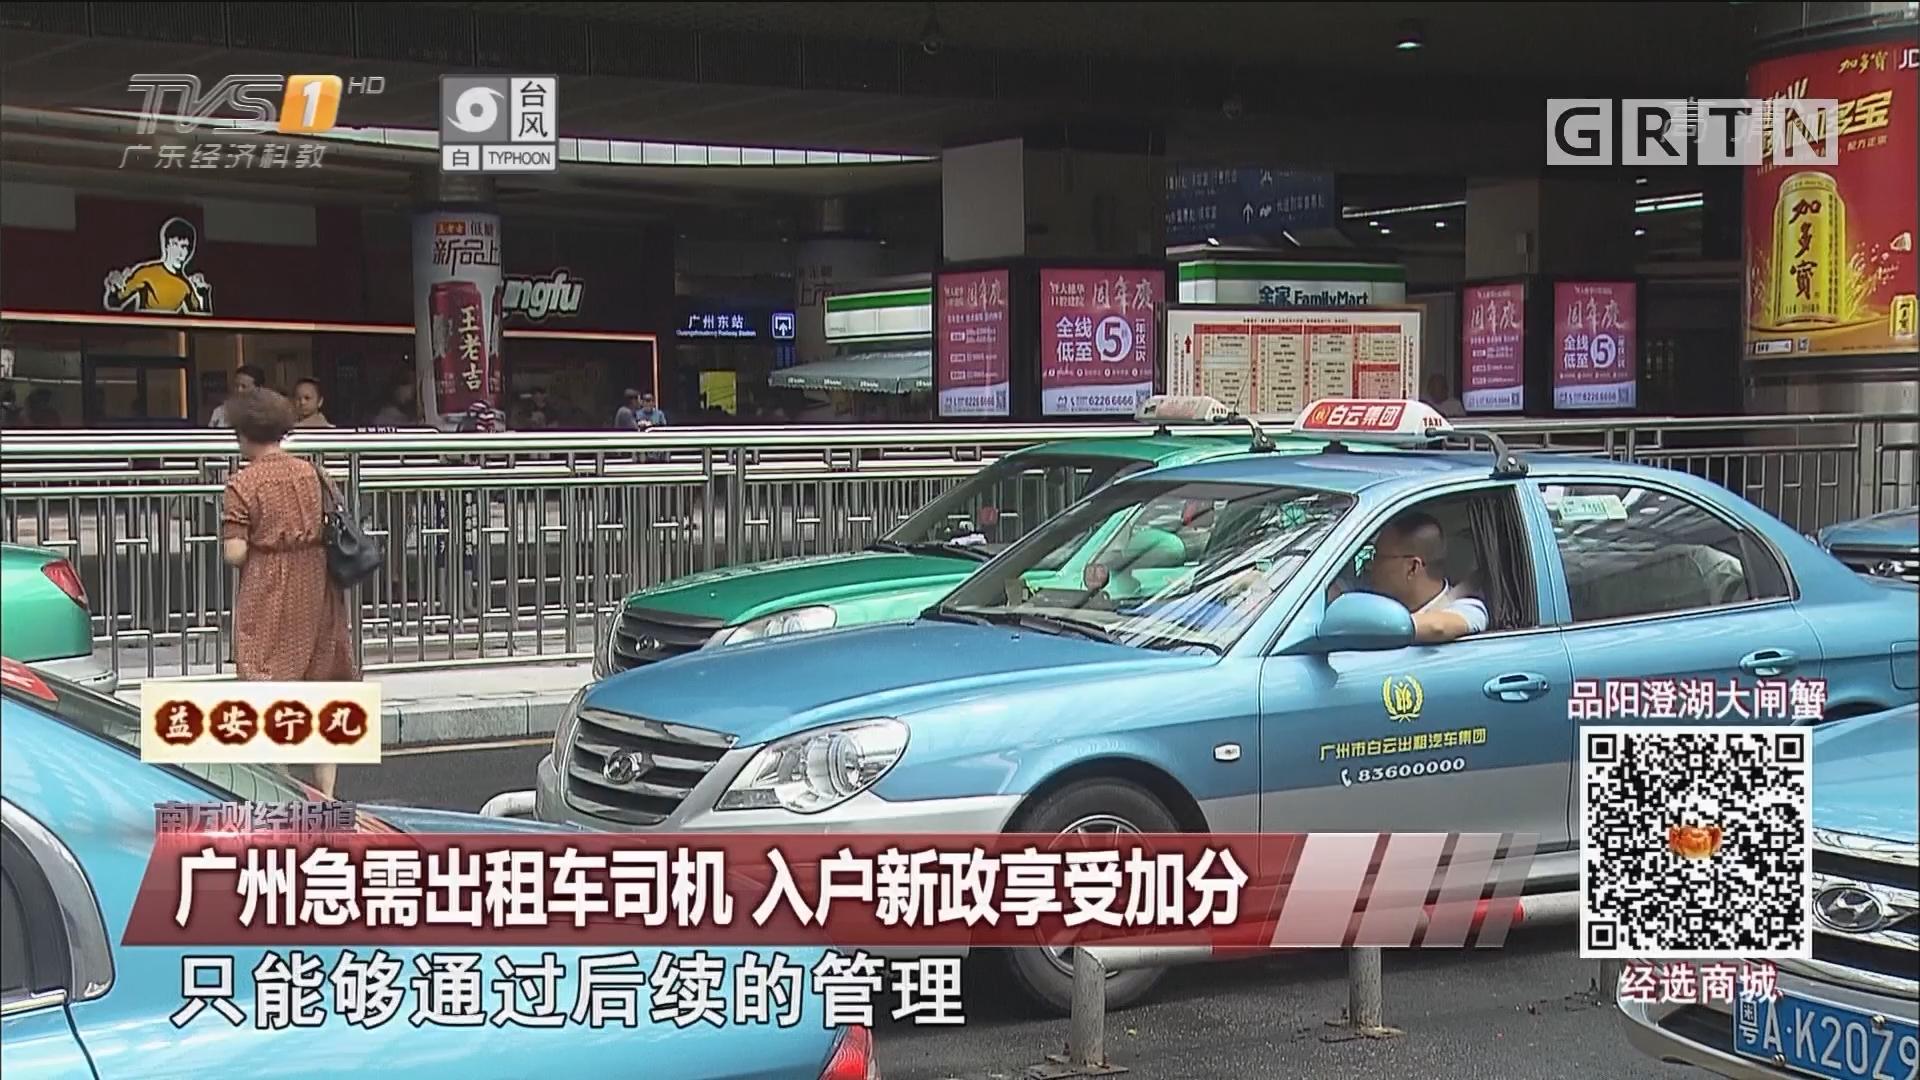 广州急需出租车司机 入户新政享受加分